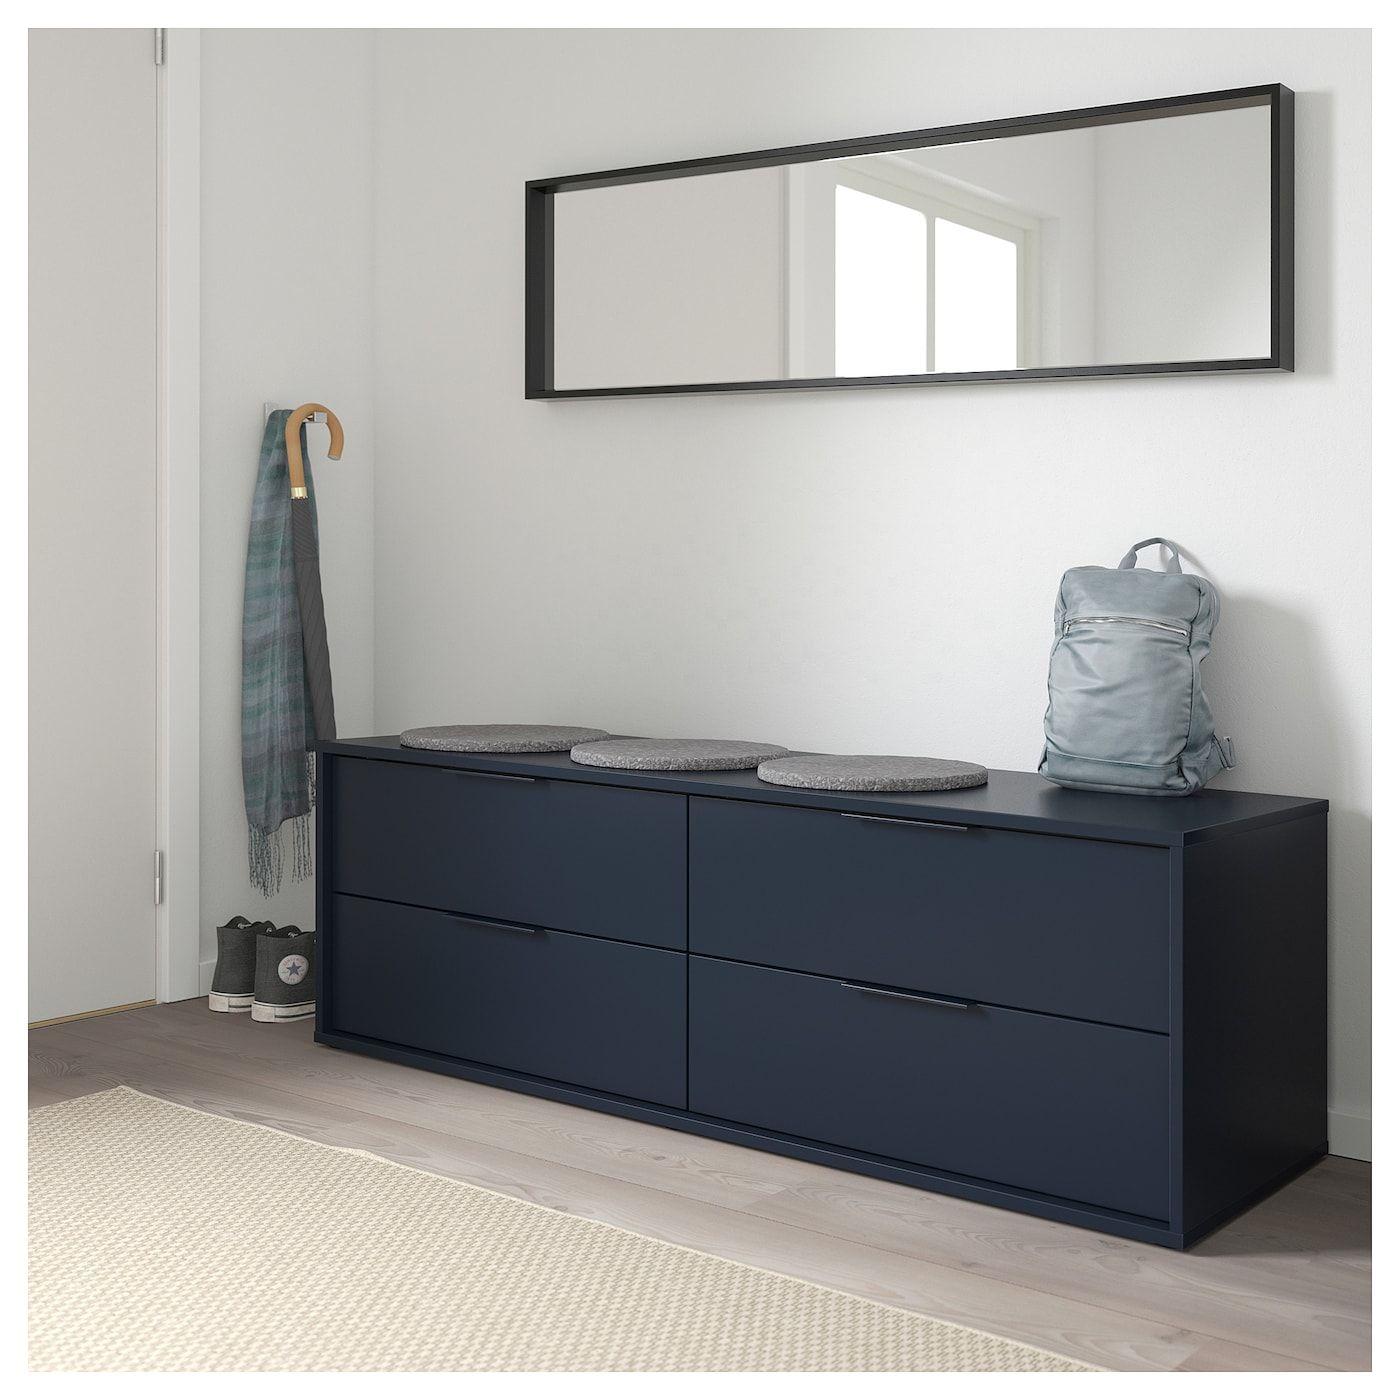 Nordmela 4 Drawer Dresser Black Blue 62 5 8x19 5 8 Wohnung Innenarchitektur Kommode Kommode Schwarz